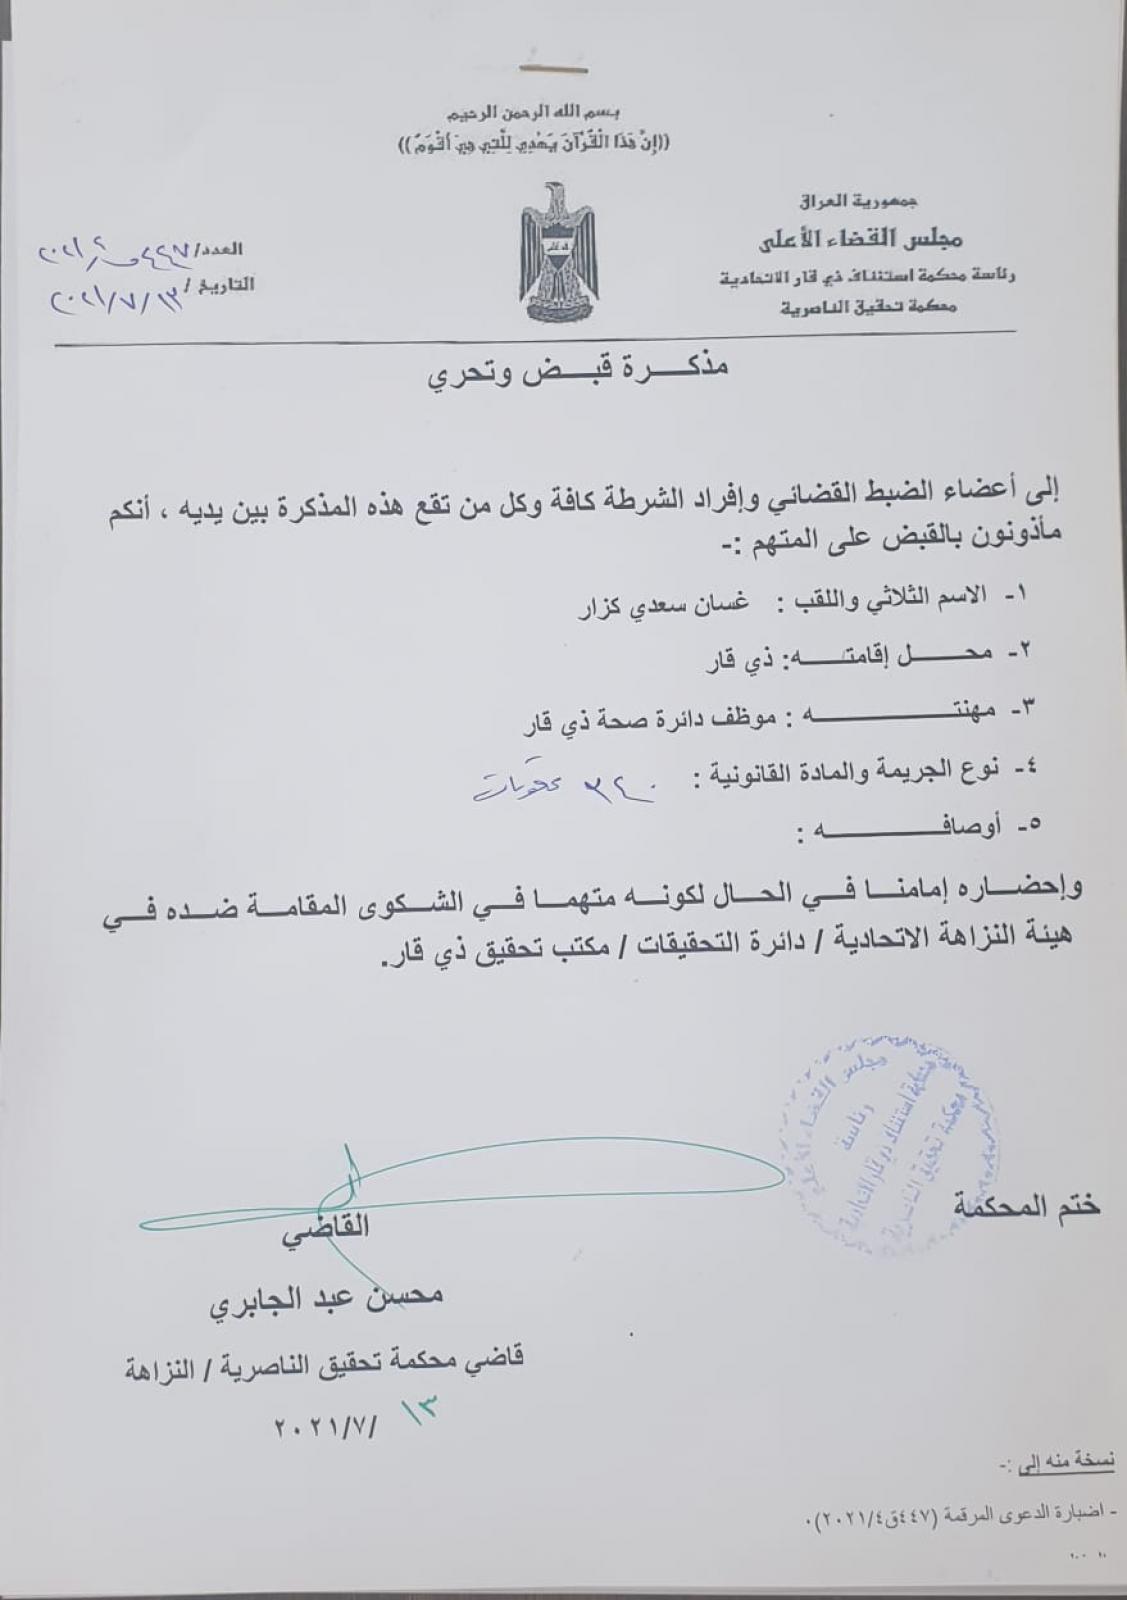 بالوثائق أوامر قبض بحق مجرمي الناصرية صدام واعوانه وفق قانون صدام ويهتفون نفديك ياصدام